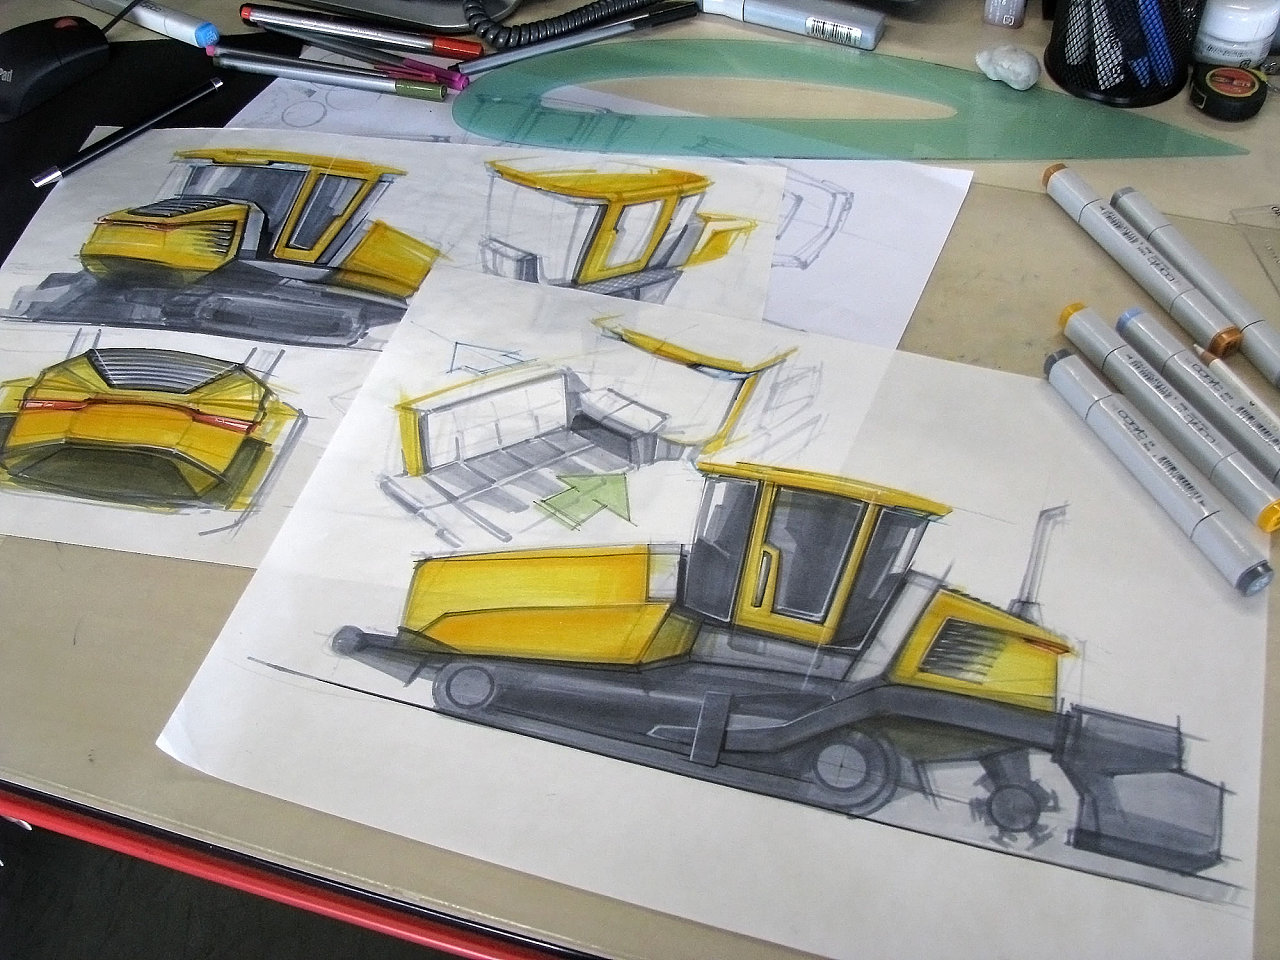 徐州工业设计中心-产品设计手绘-创意产品效果图设计